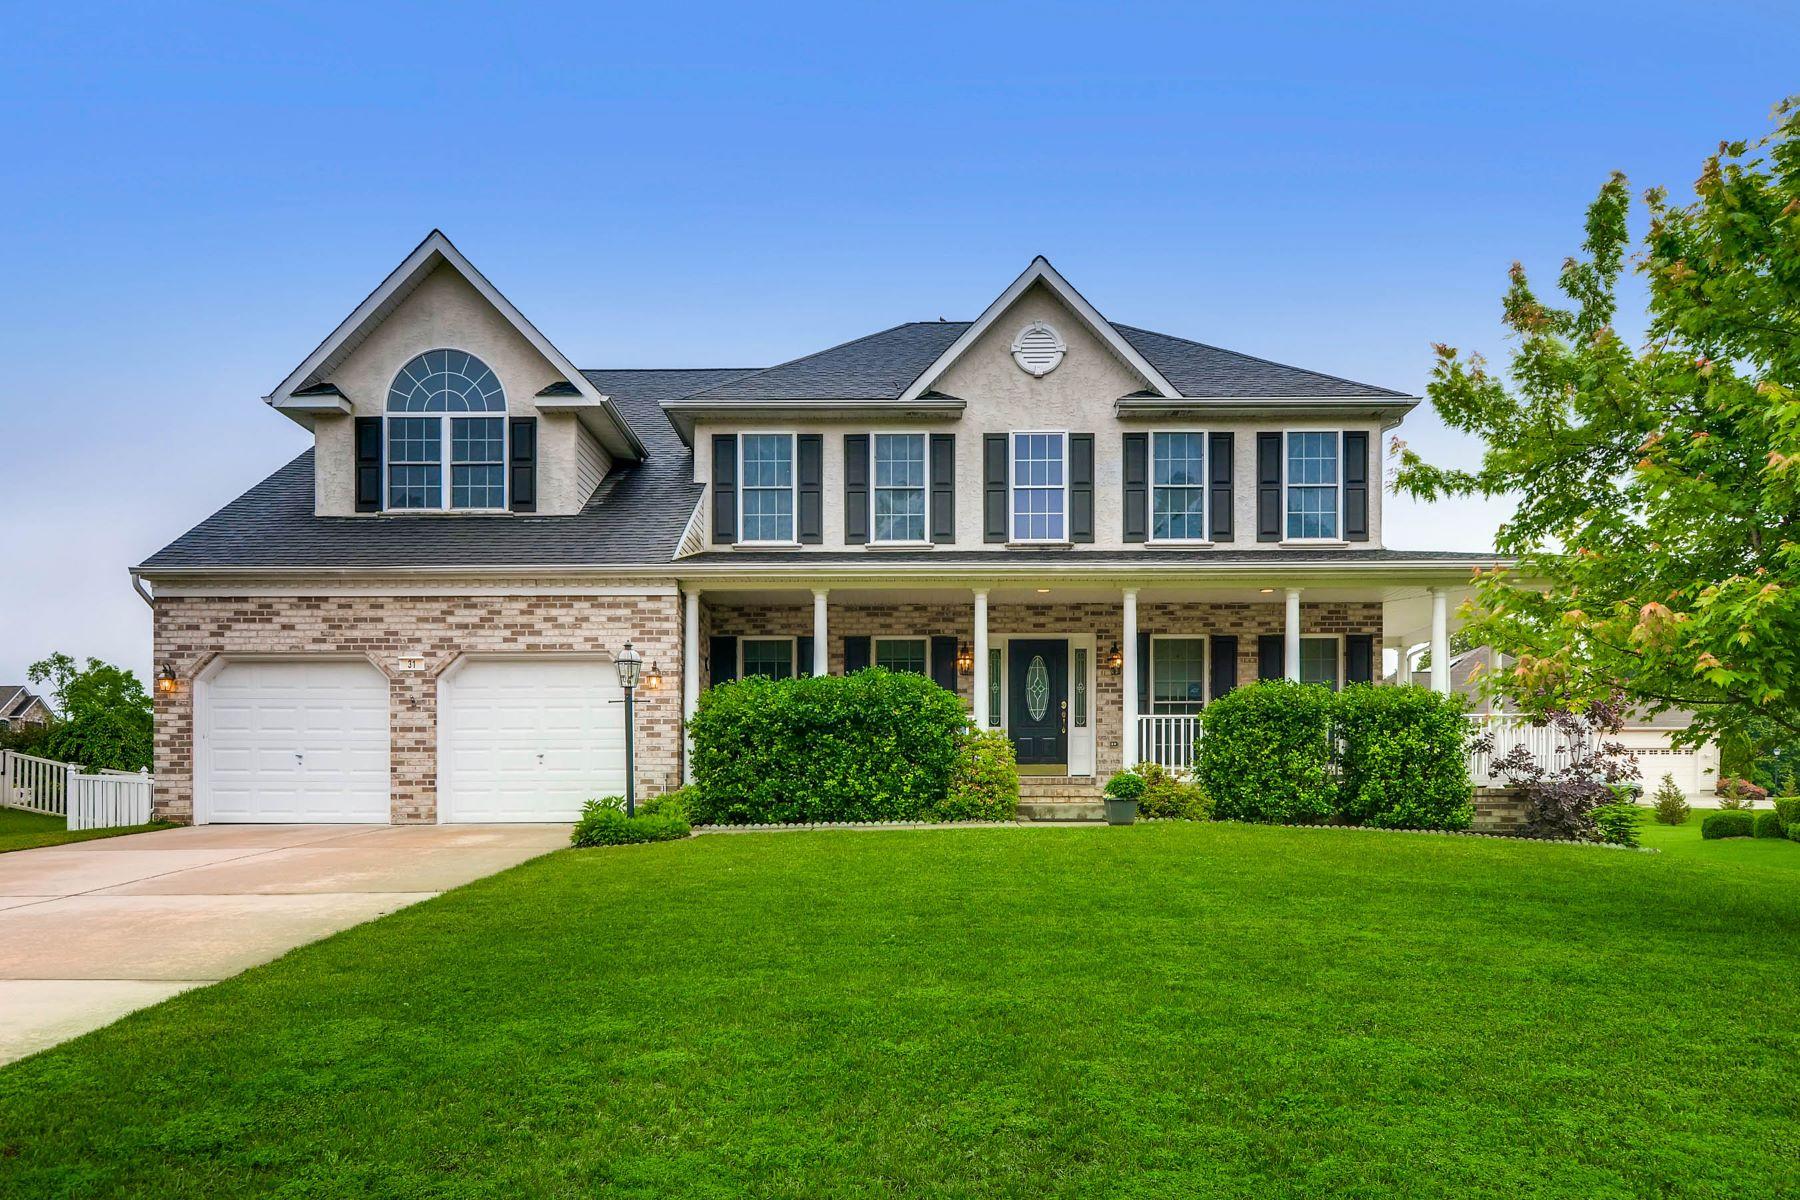 Maison unifamiliale pour l Vente à Woods at Rock Glenn 31 Rock Glenn Road Havre De Grace, Maryland 21078 États-Unis